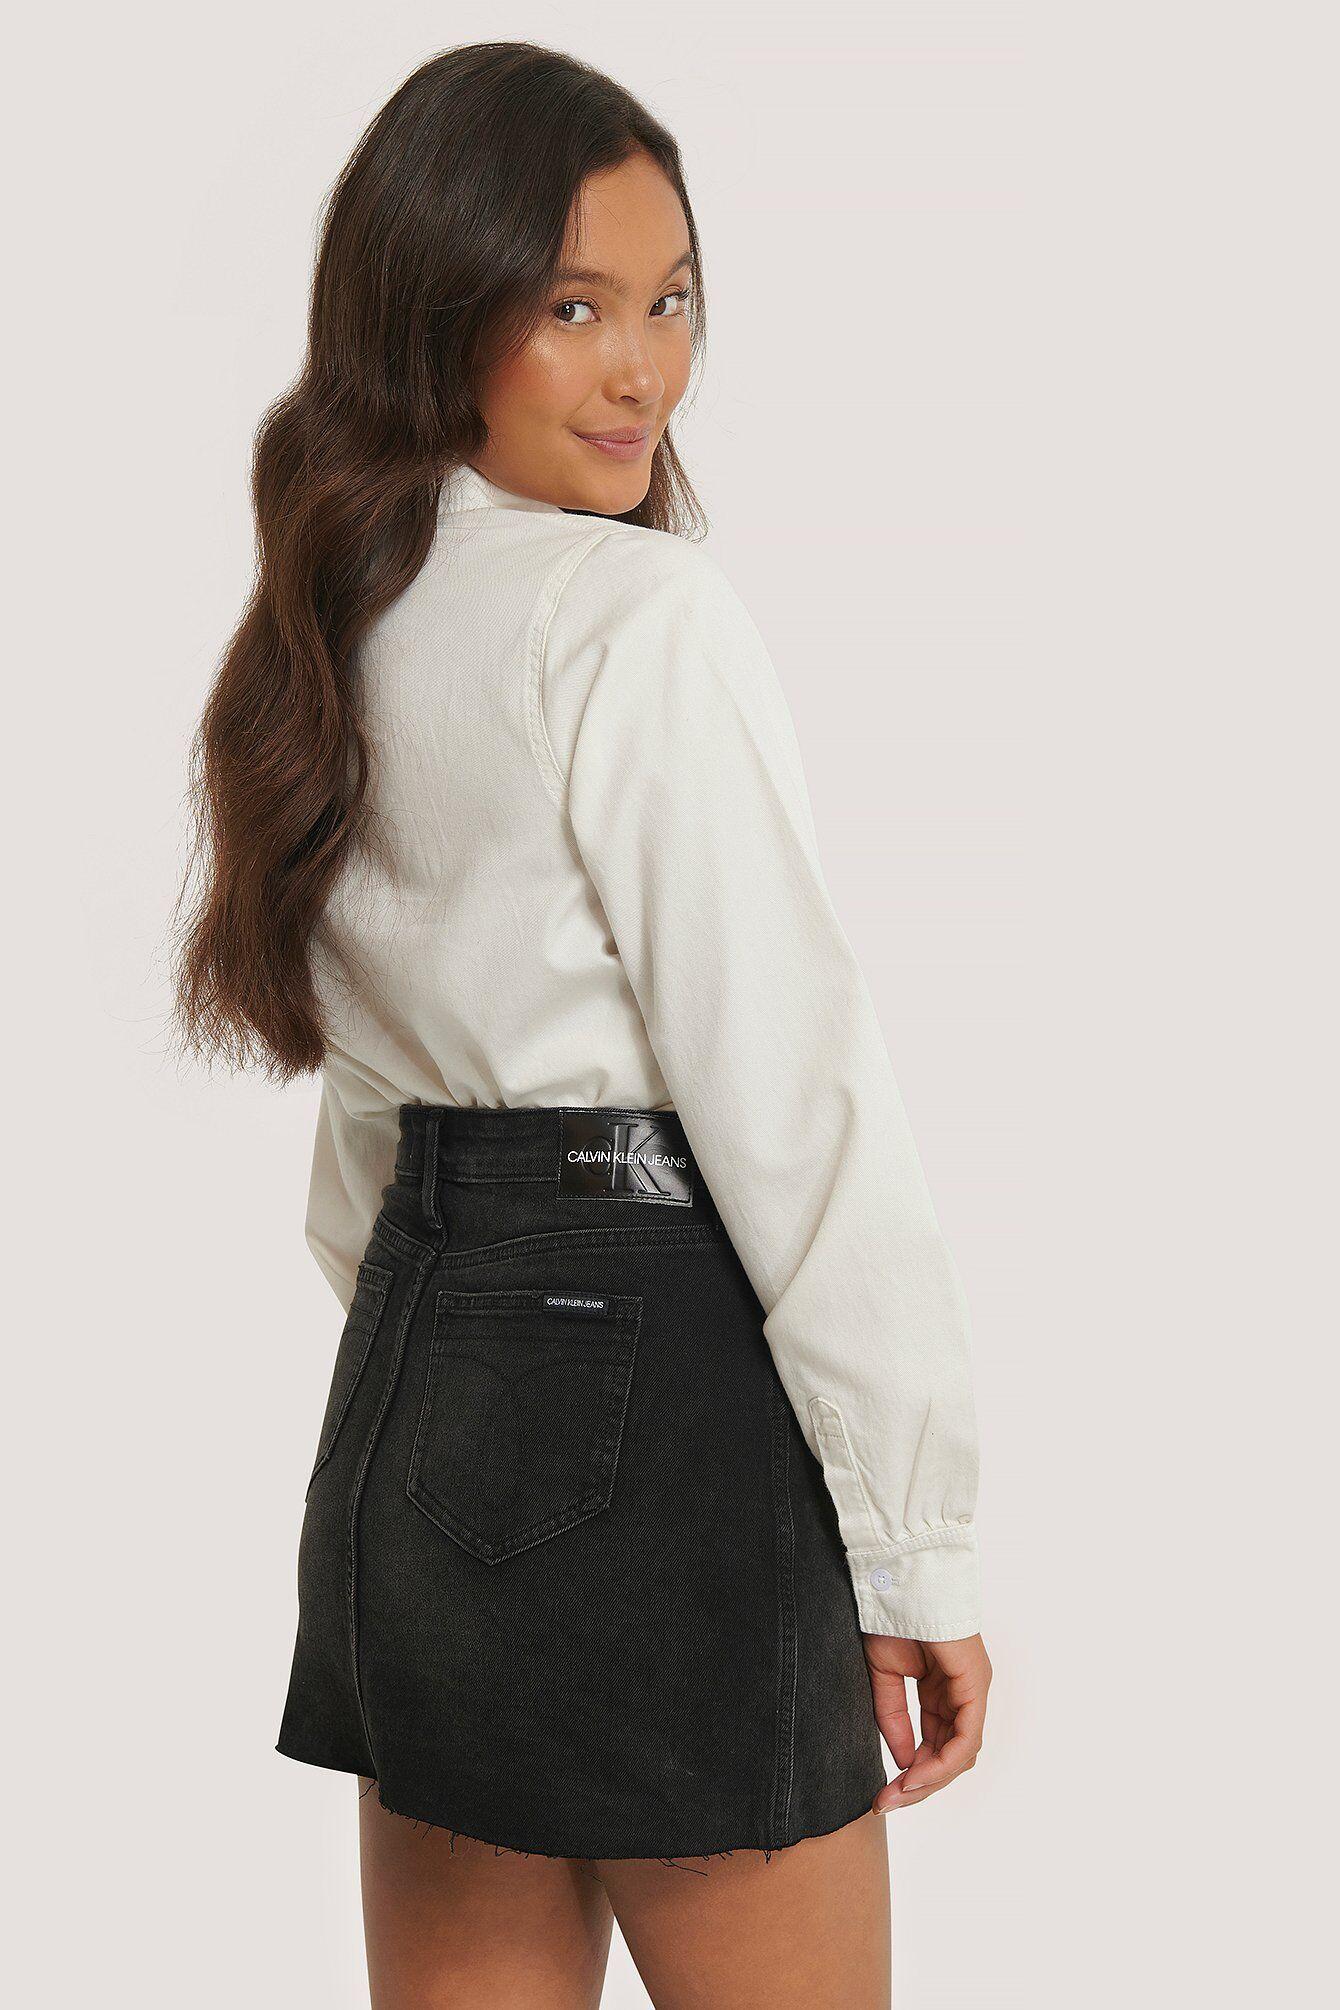 Calvin Klein Mid Rise -Minihame - Black  - Size: W24,W25,W26,W27,W28,W29,W30